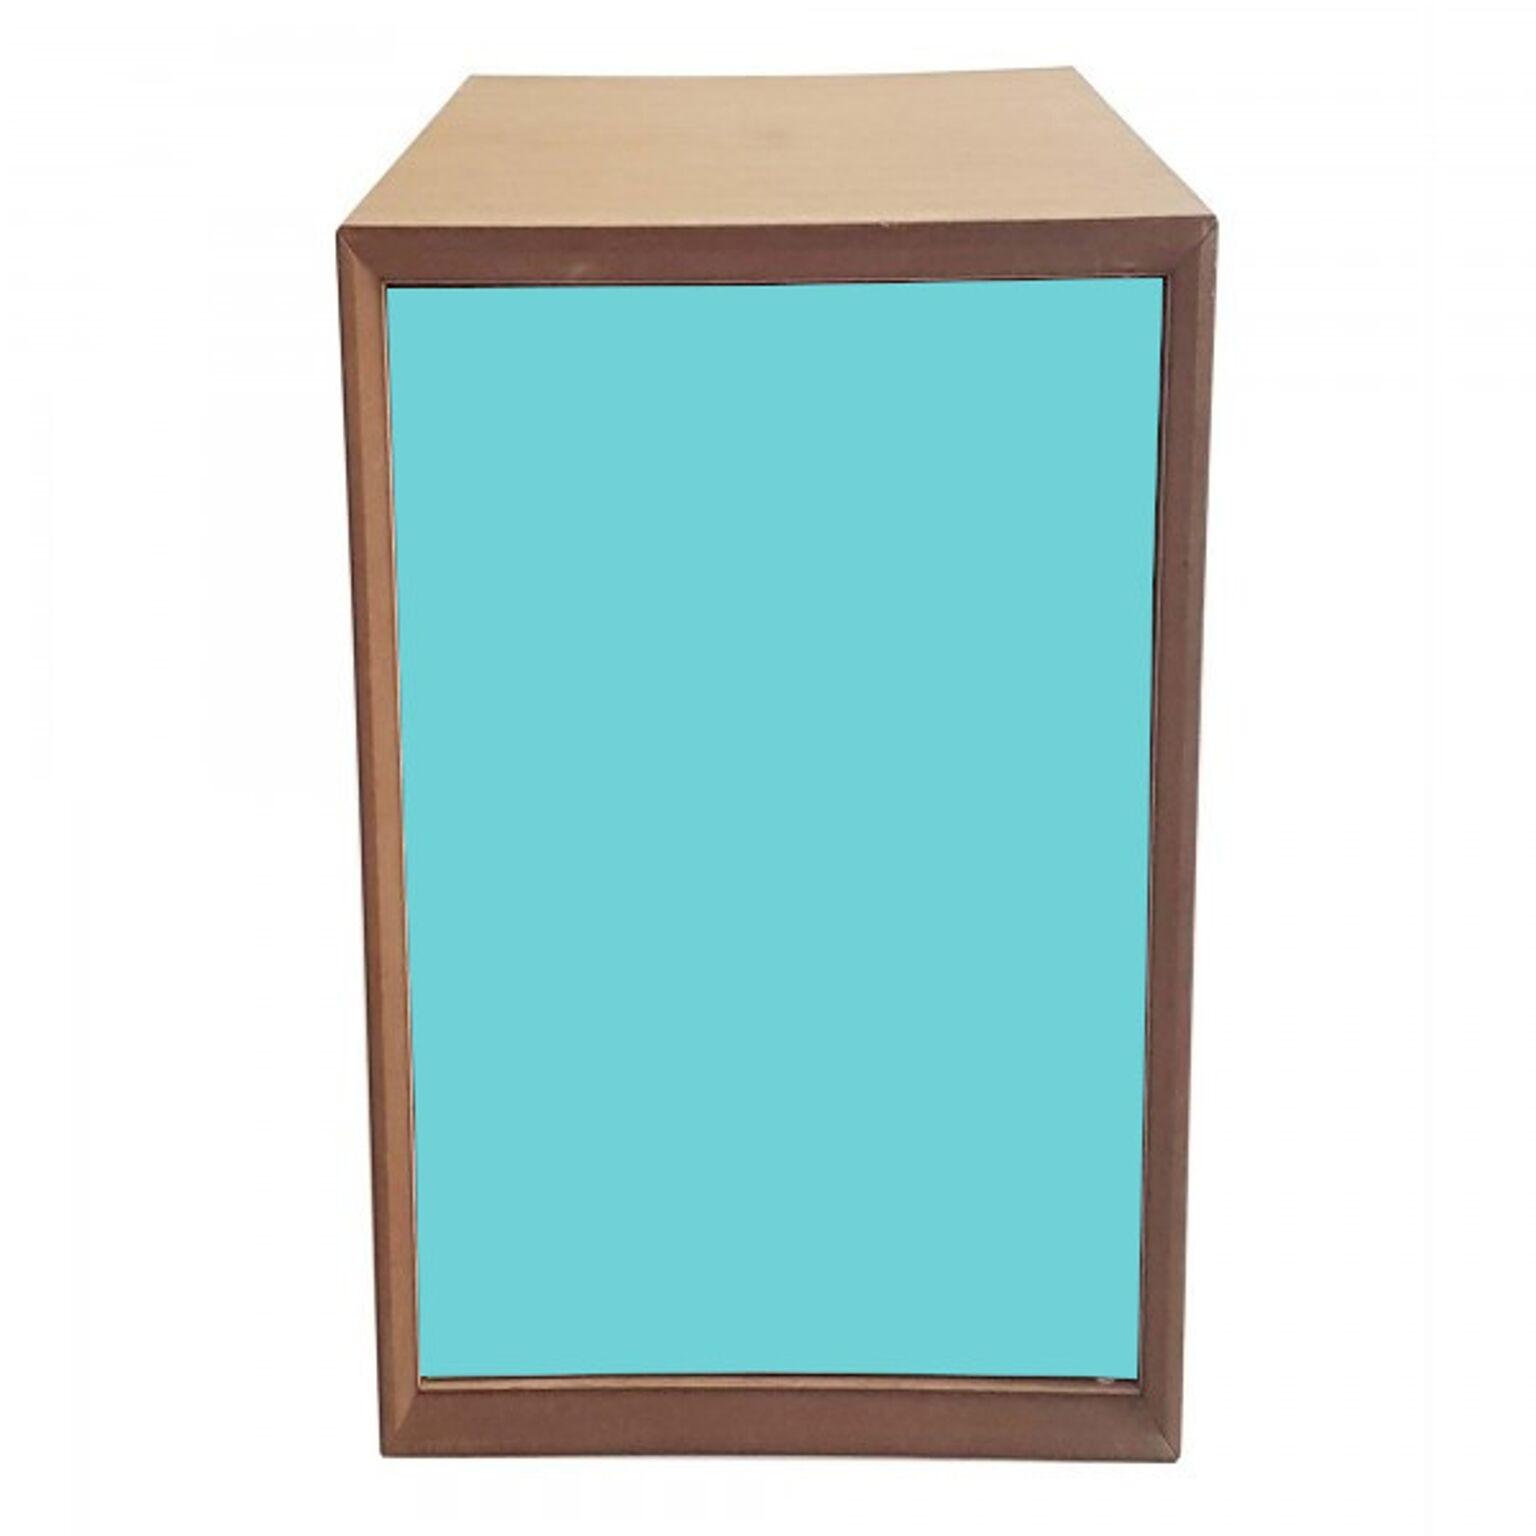 Dulap modular Pixel Dark Turquoise / Wooden l40xA40xH80 cm